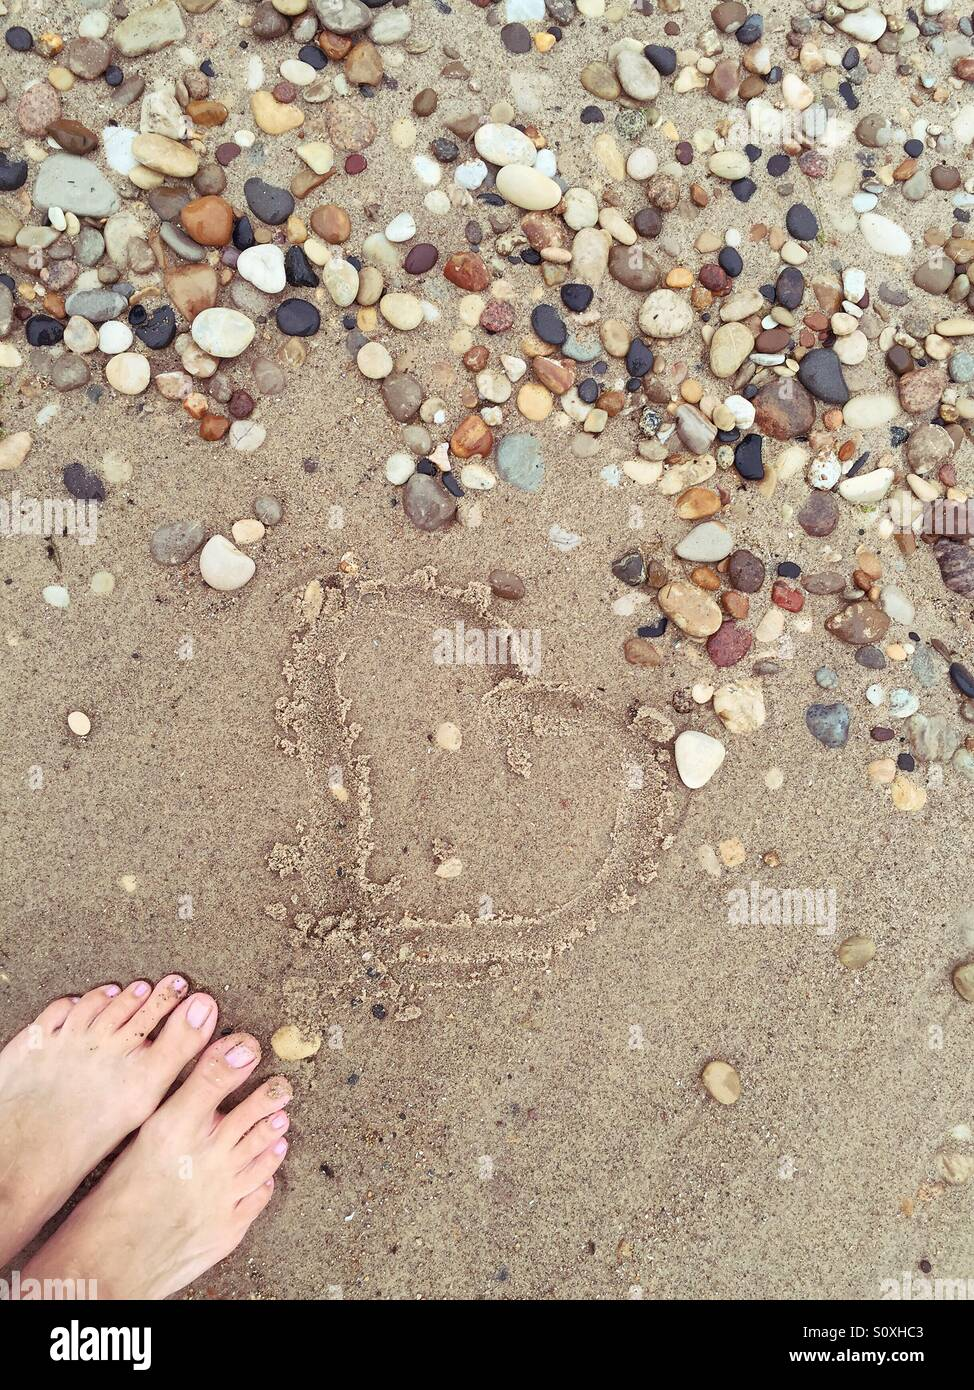 Remonter dans le cœur du sable mouillé sur une plage, plage de galets et entouré par les pieds nus Photo Stock